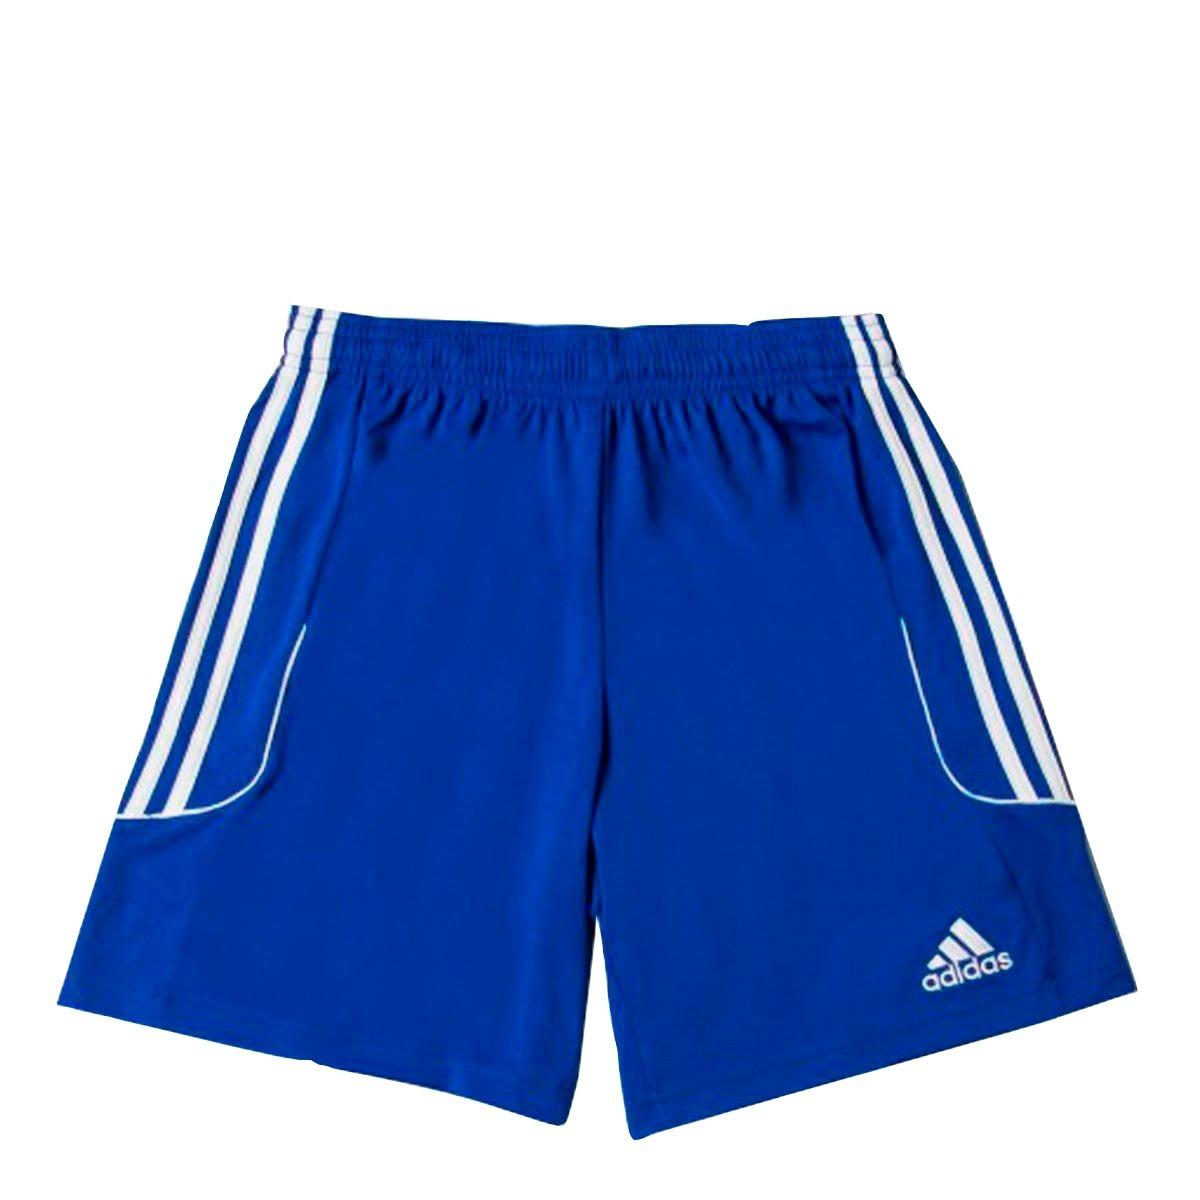 7f11cd86fe0f6 shorts masculino esportivo adidas squadra 13 original. Carregando zoom.